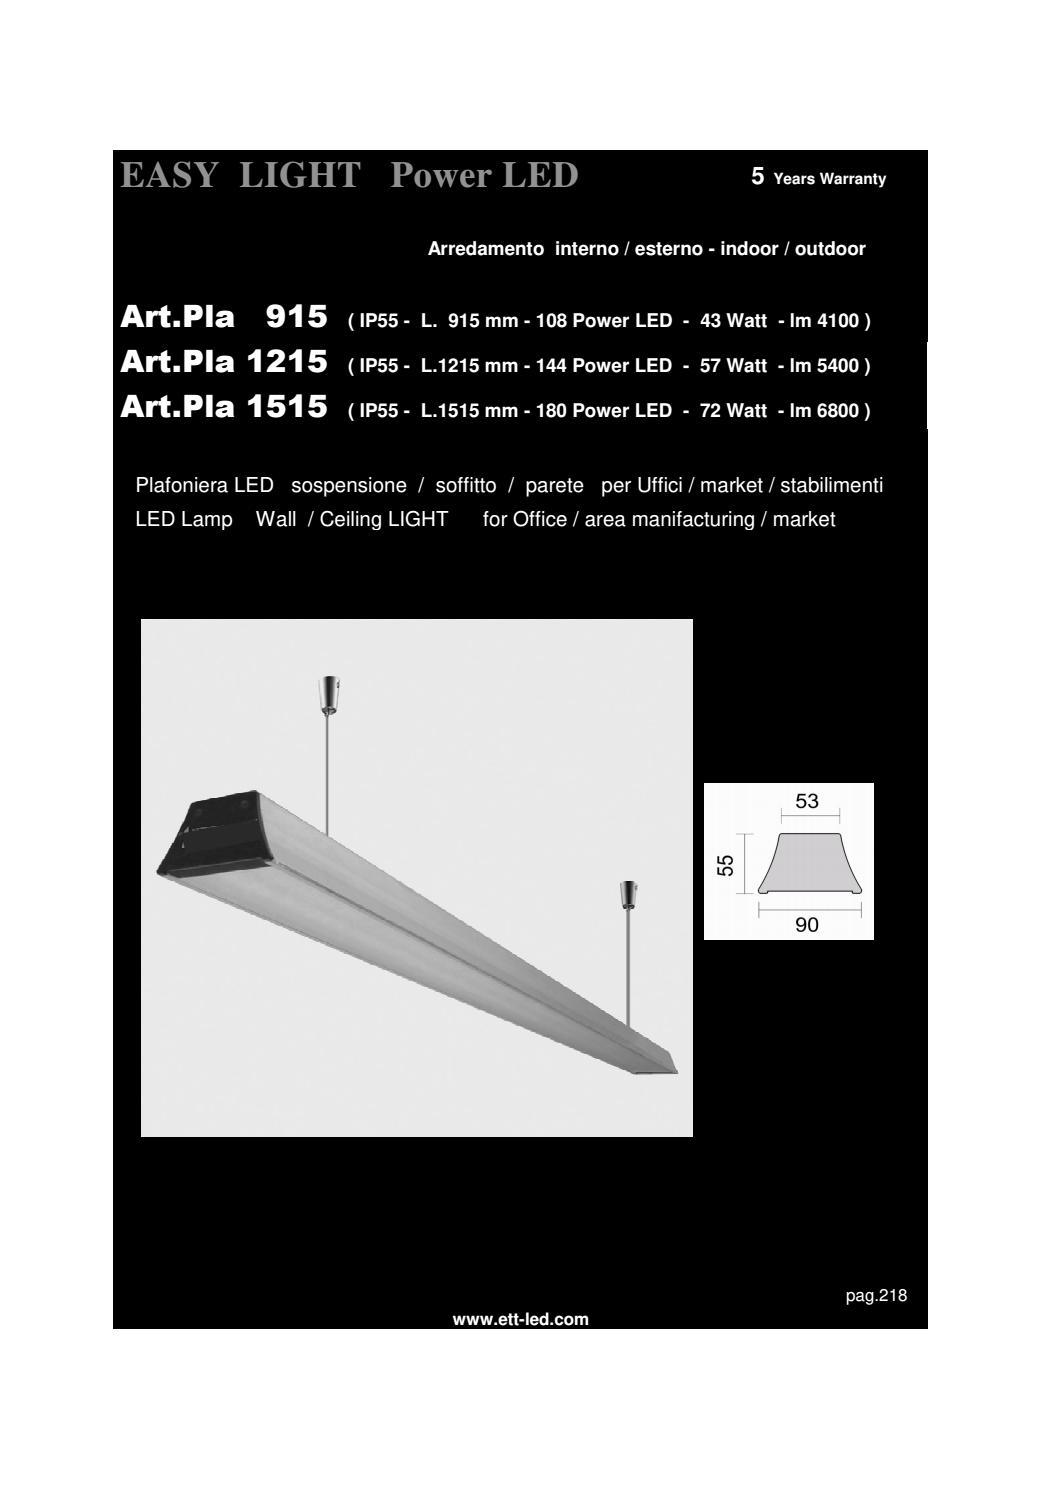 Plafoniera Led Ip55.Catalogo E T T 2017 By Ett Issuu